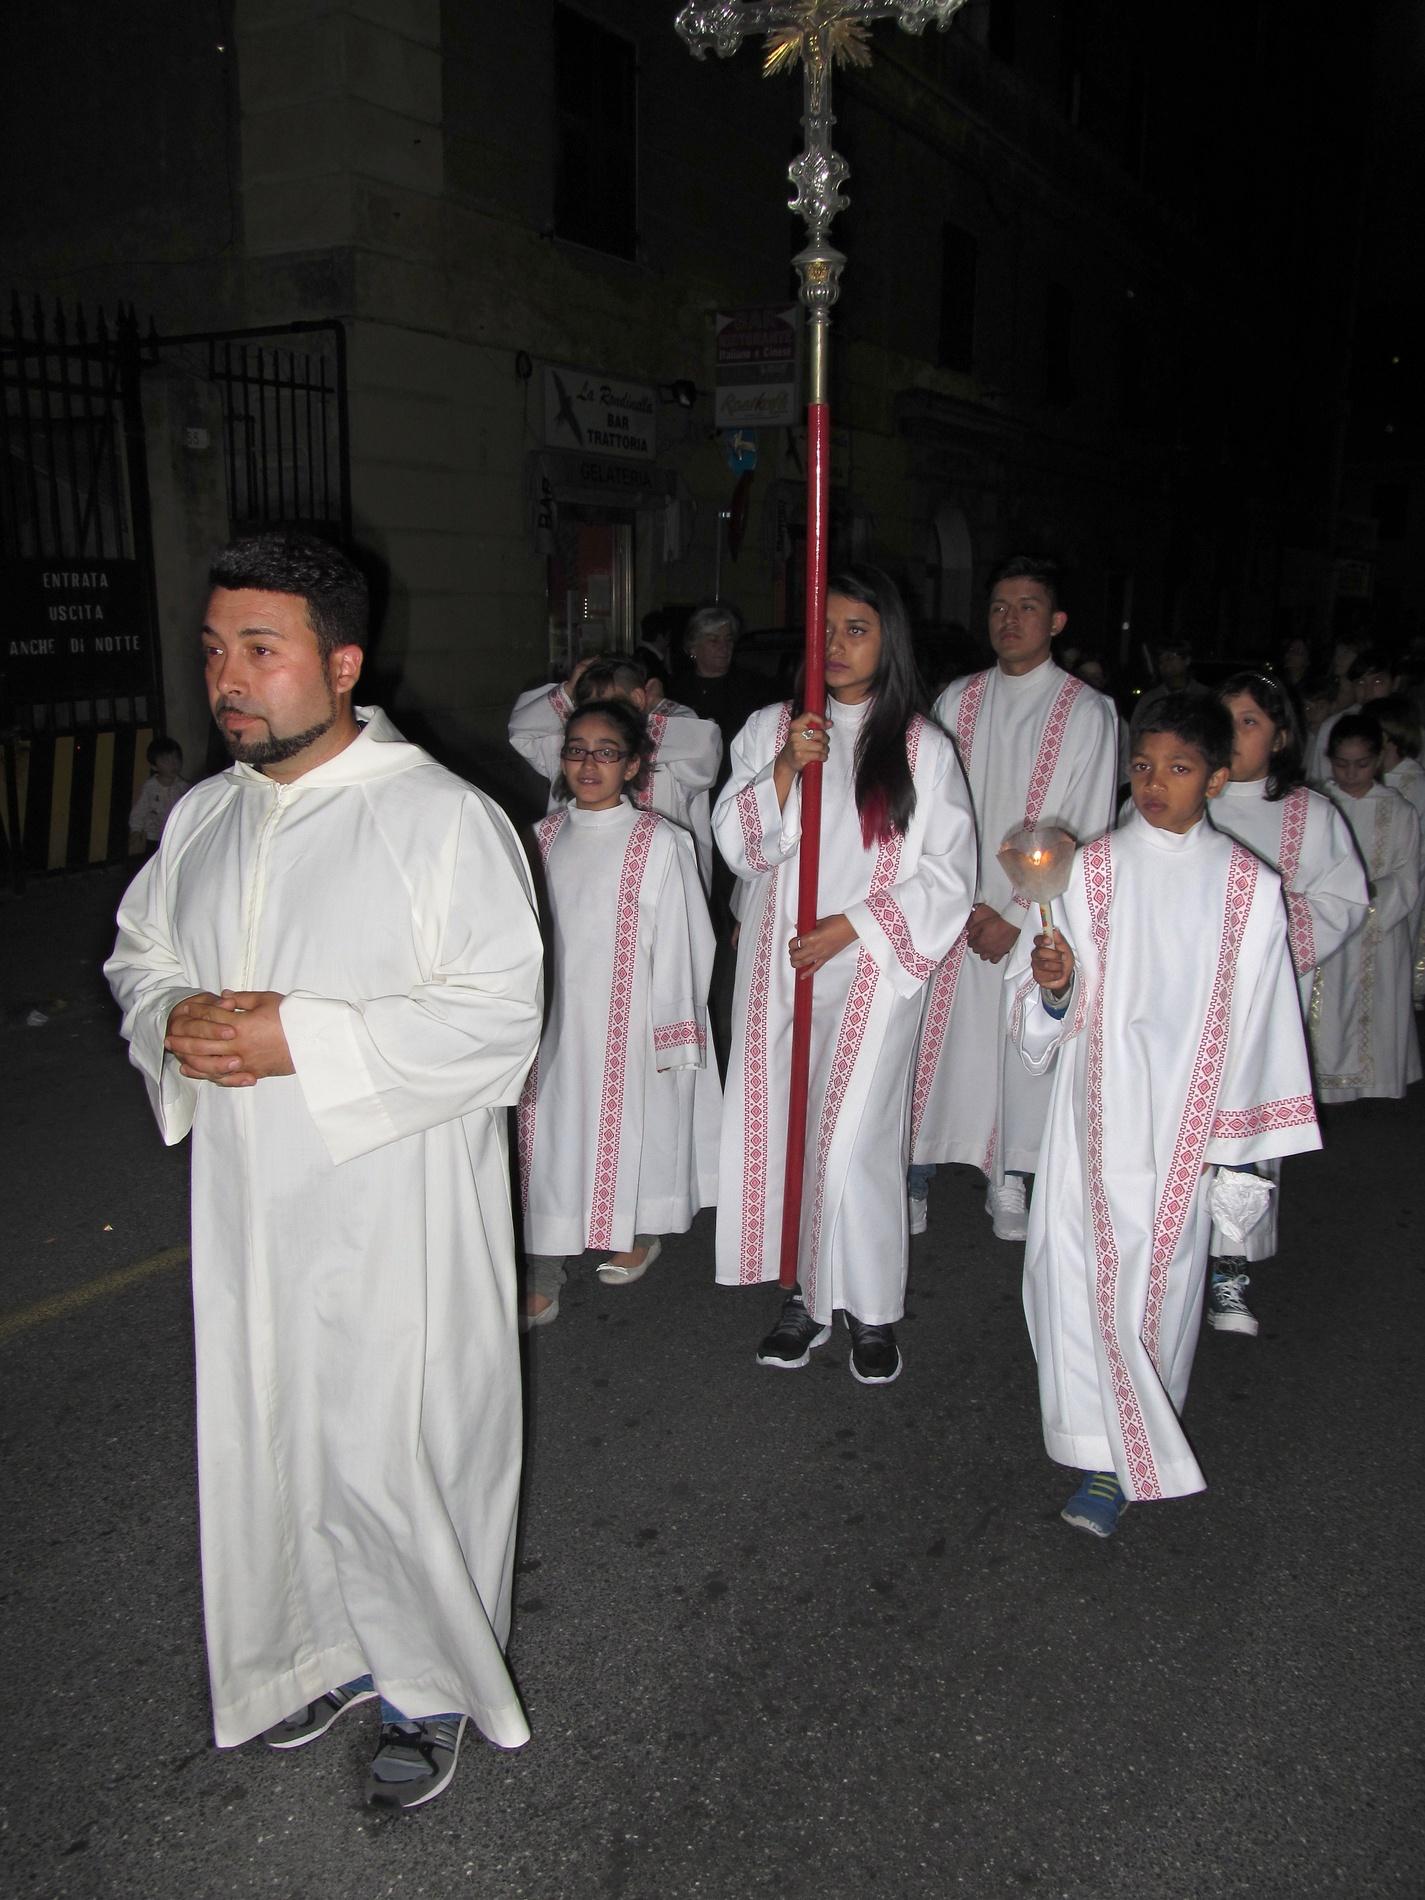 processione-madonna-2015-05-31-21-32-27